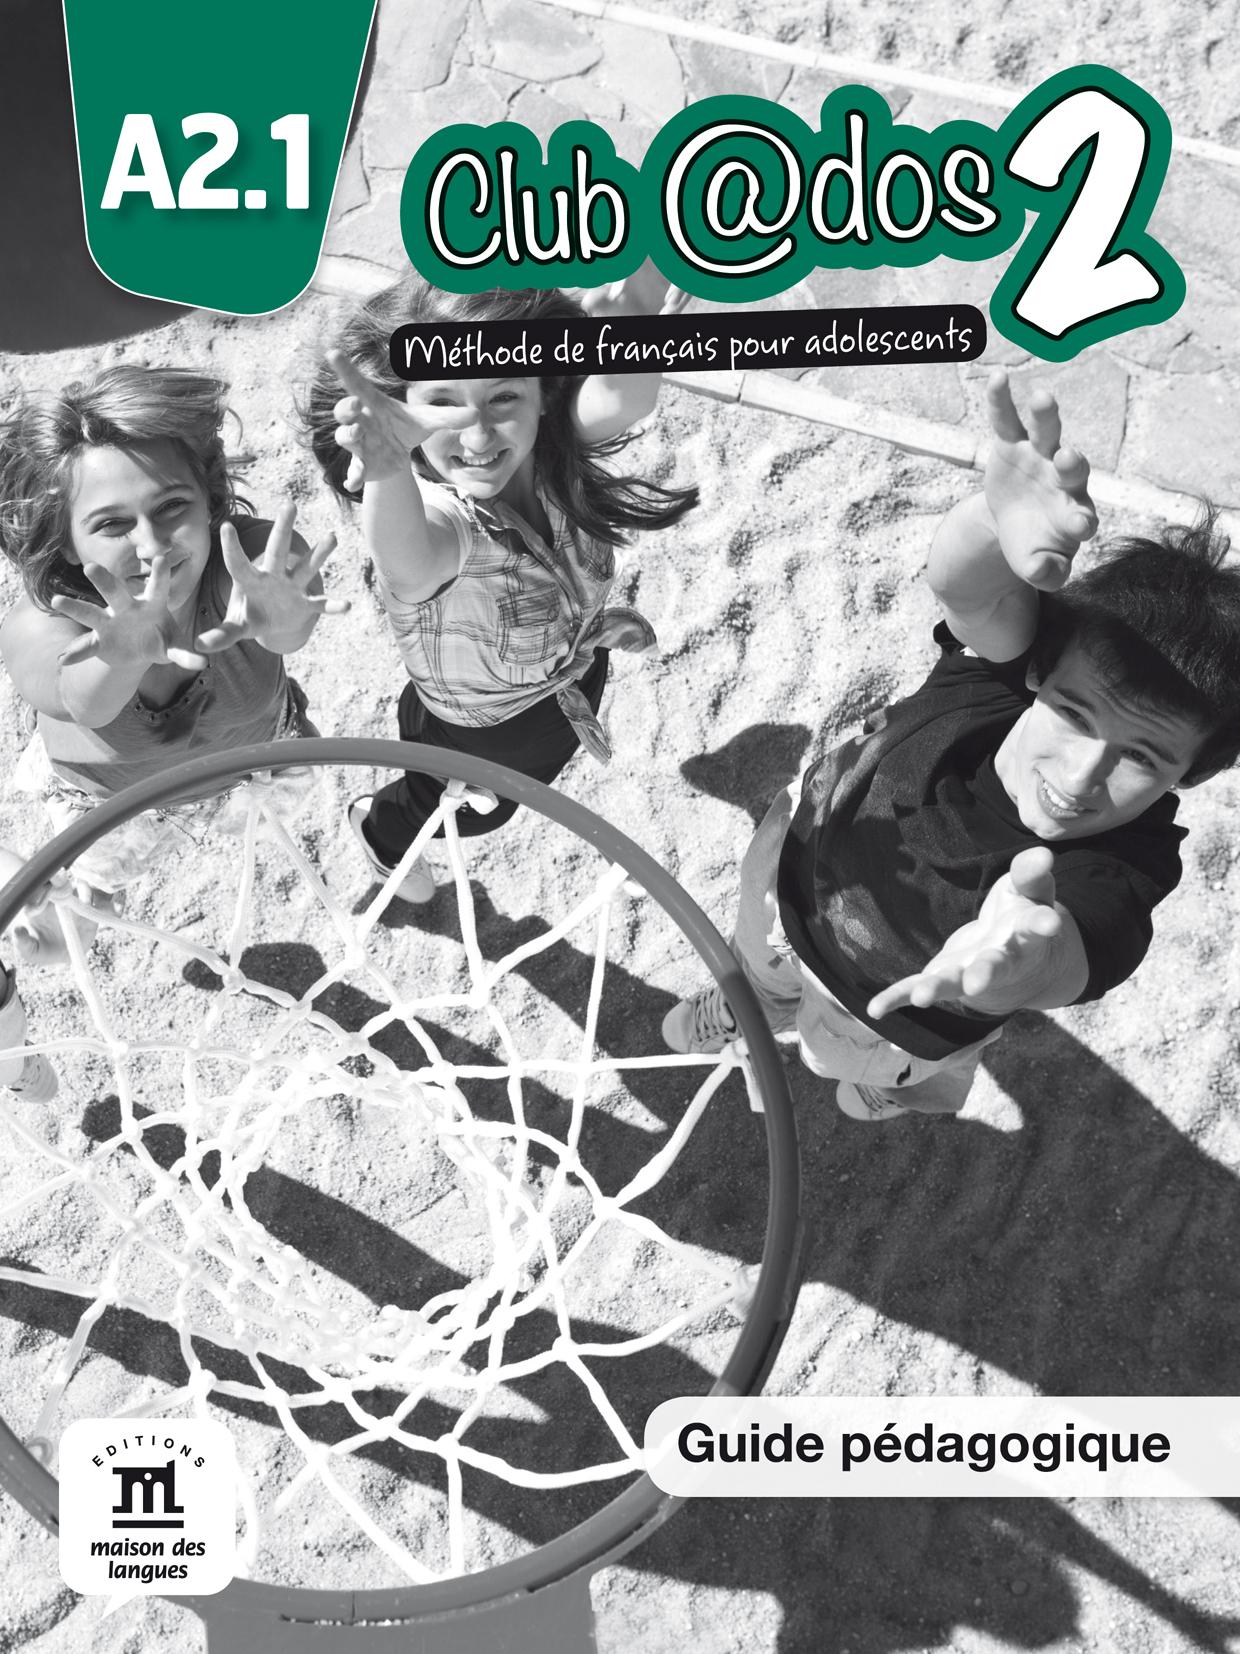 Club @dos 2 - Guide pédagogique